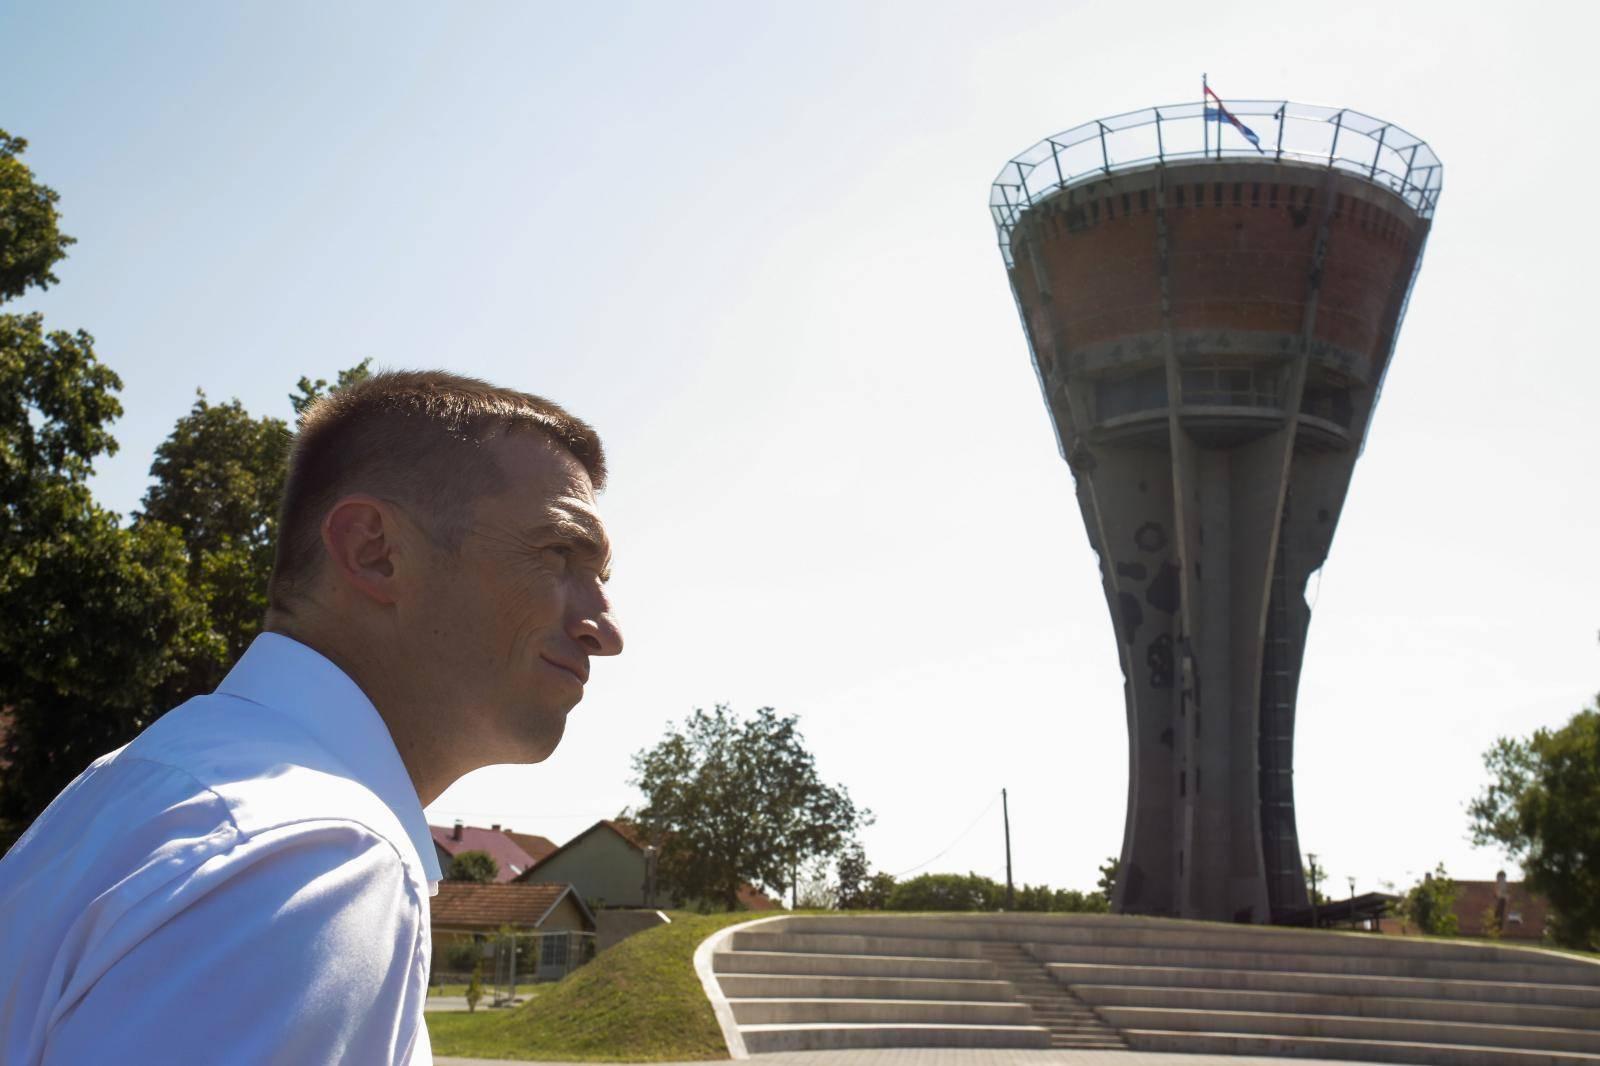 Gradonačelnik Vukovara obišao Vodotoranj koji je u završnoj fazi izgradnje